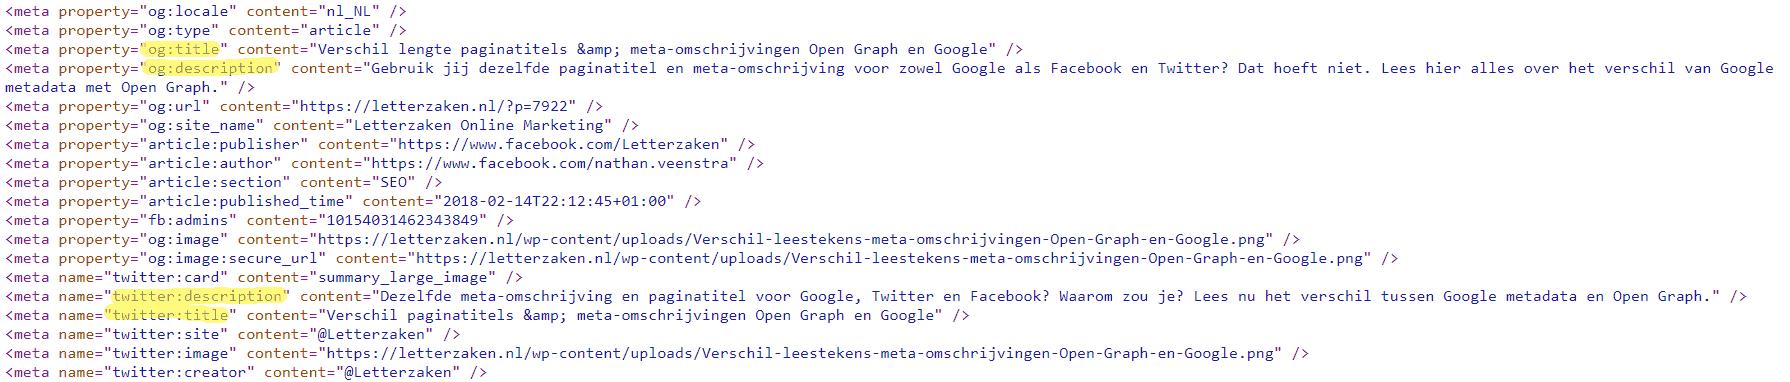 og: title en og: description en twitter title en description in broncode - open graph metadata